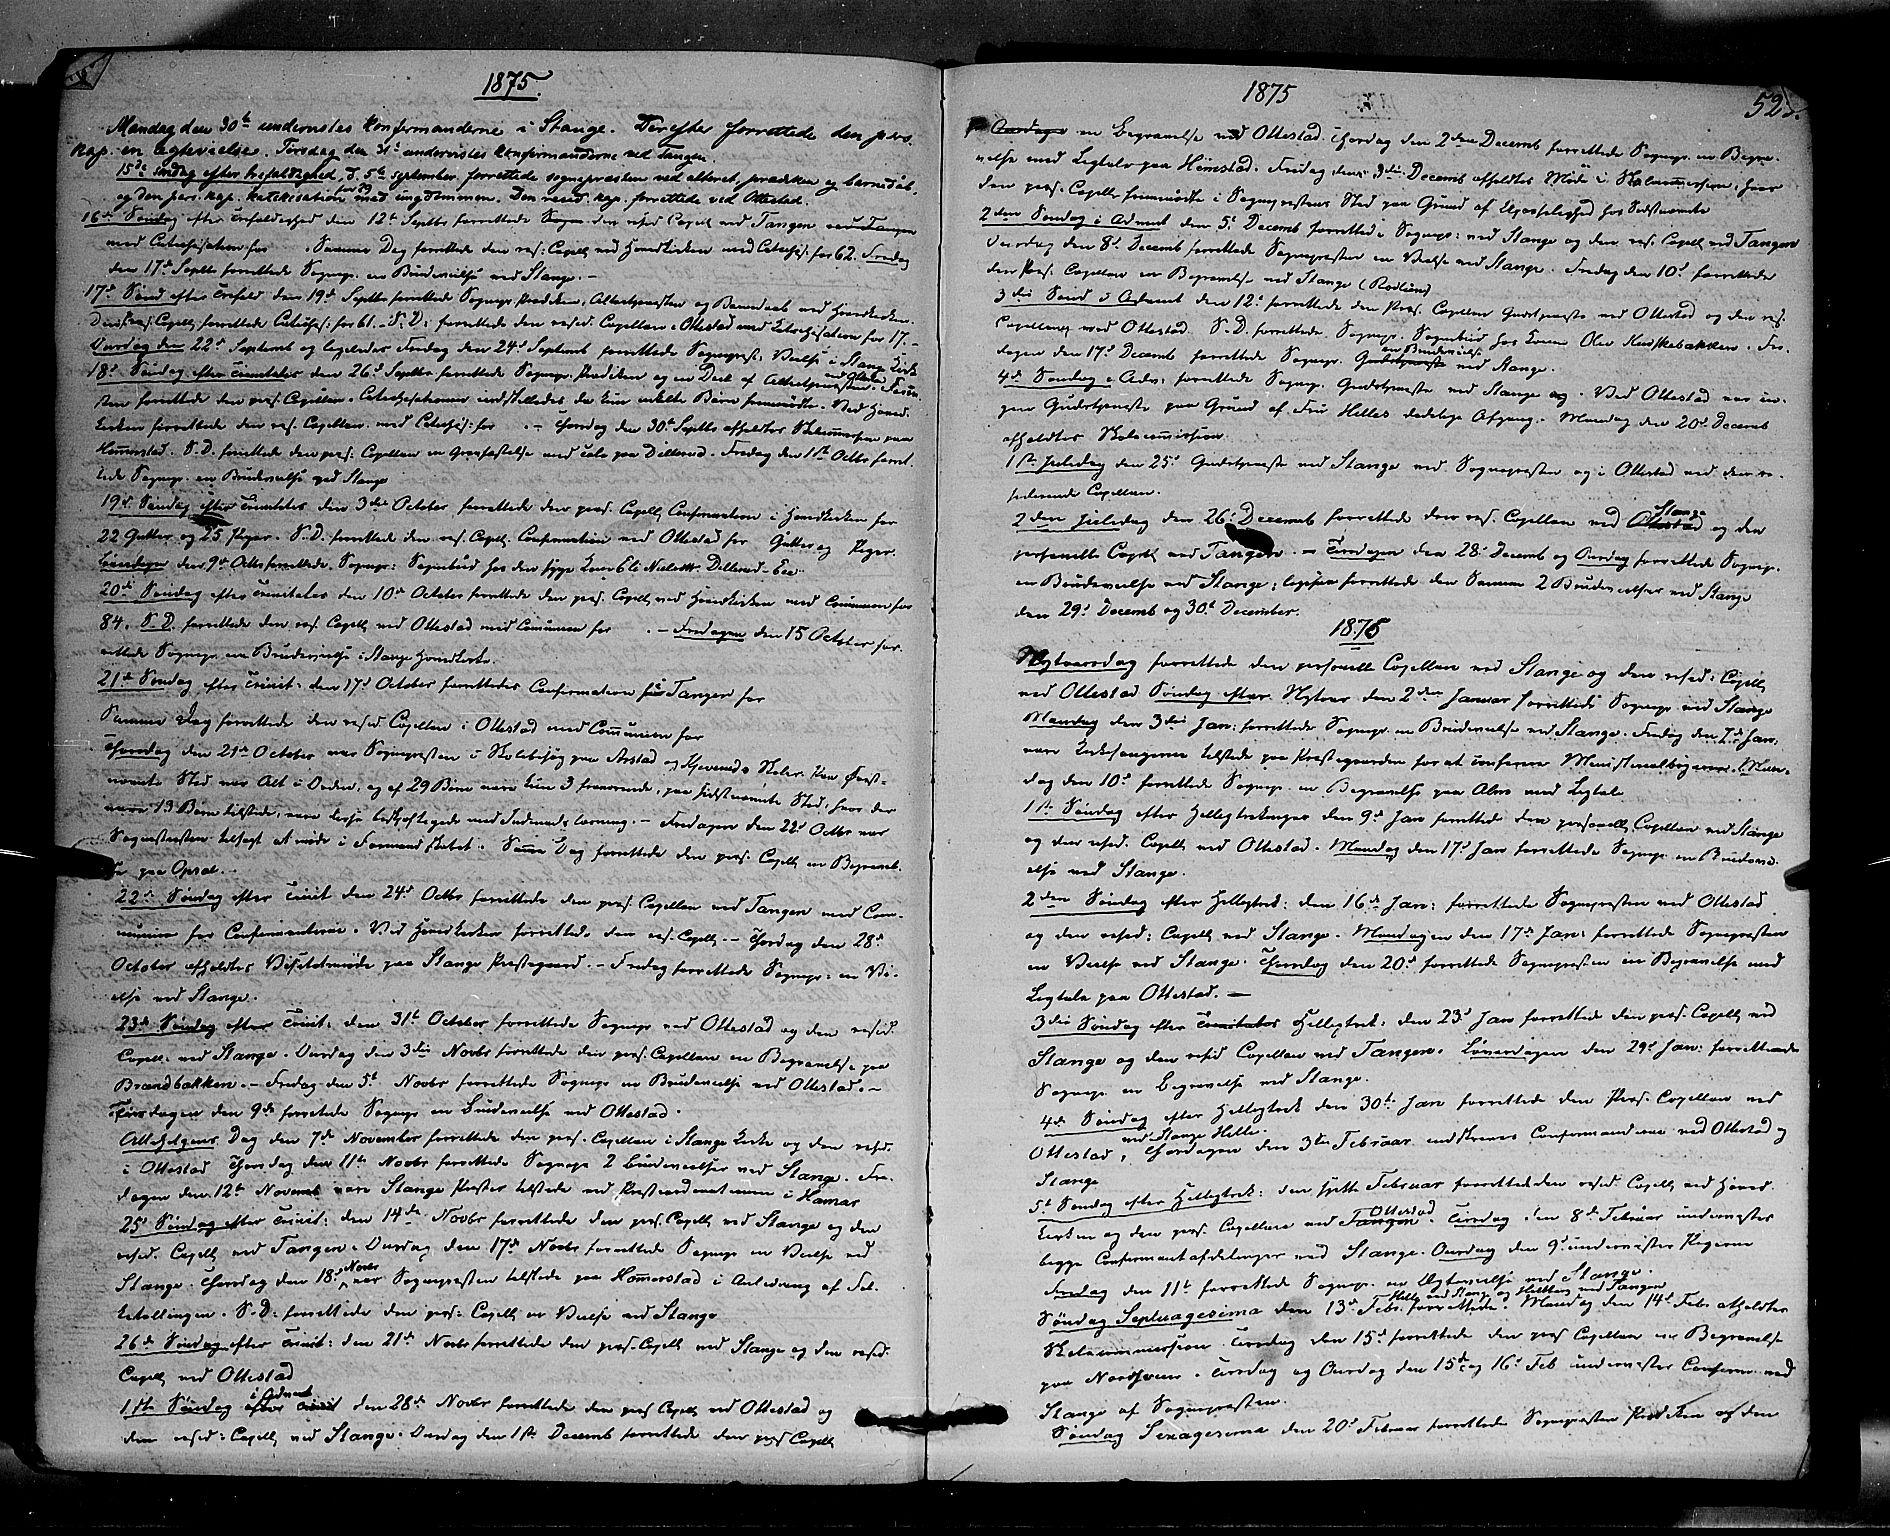 SAH, Stange prestekontor, K/L0013: Parish register (official) no. 13, 1862-1879, p. 523